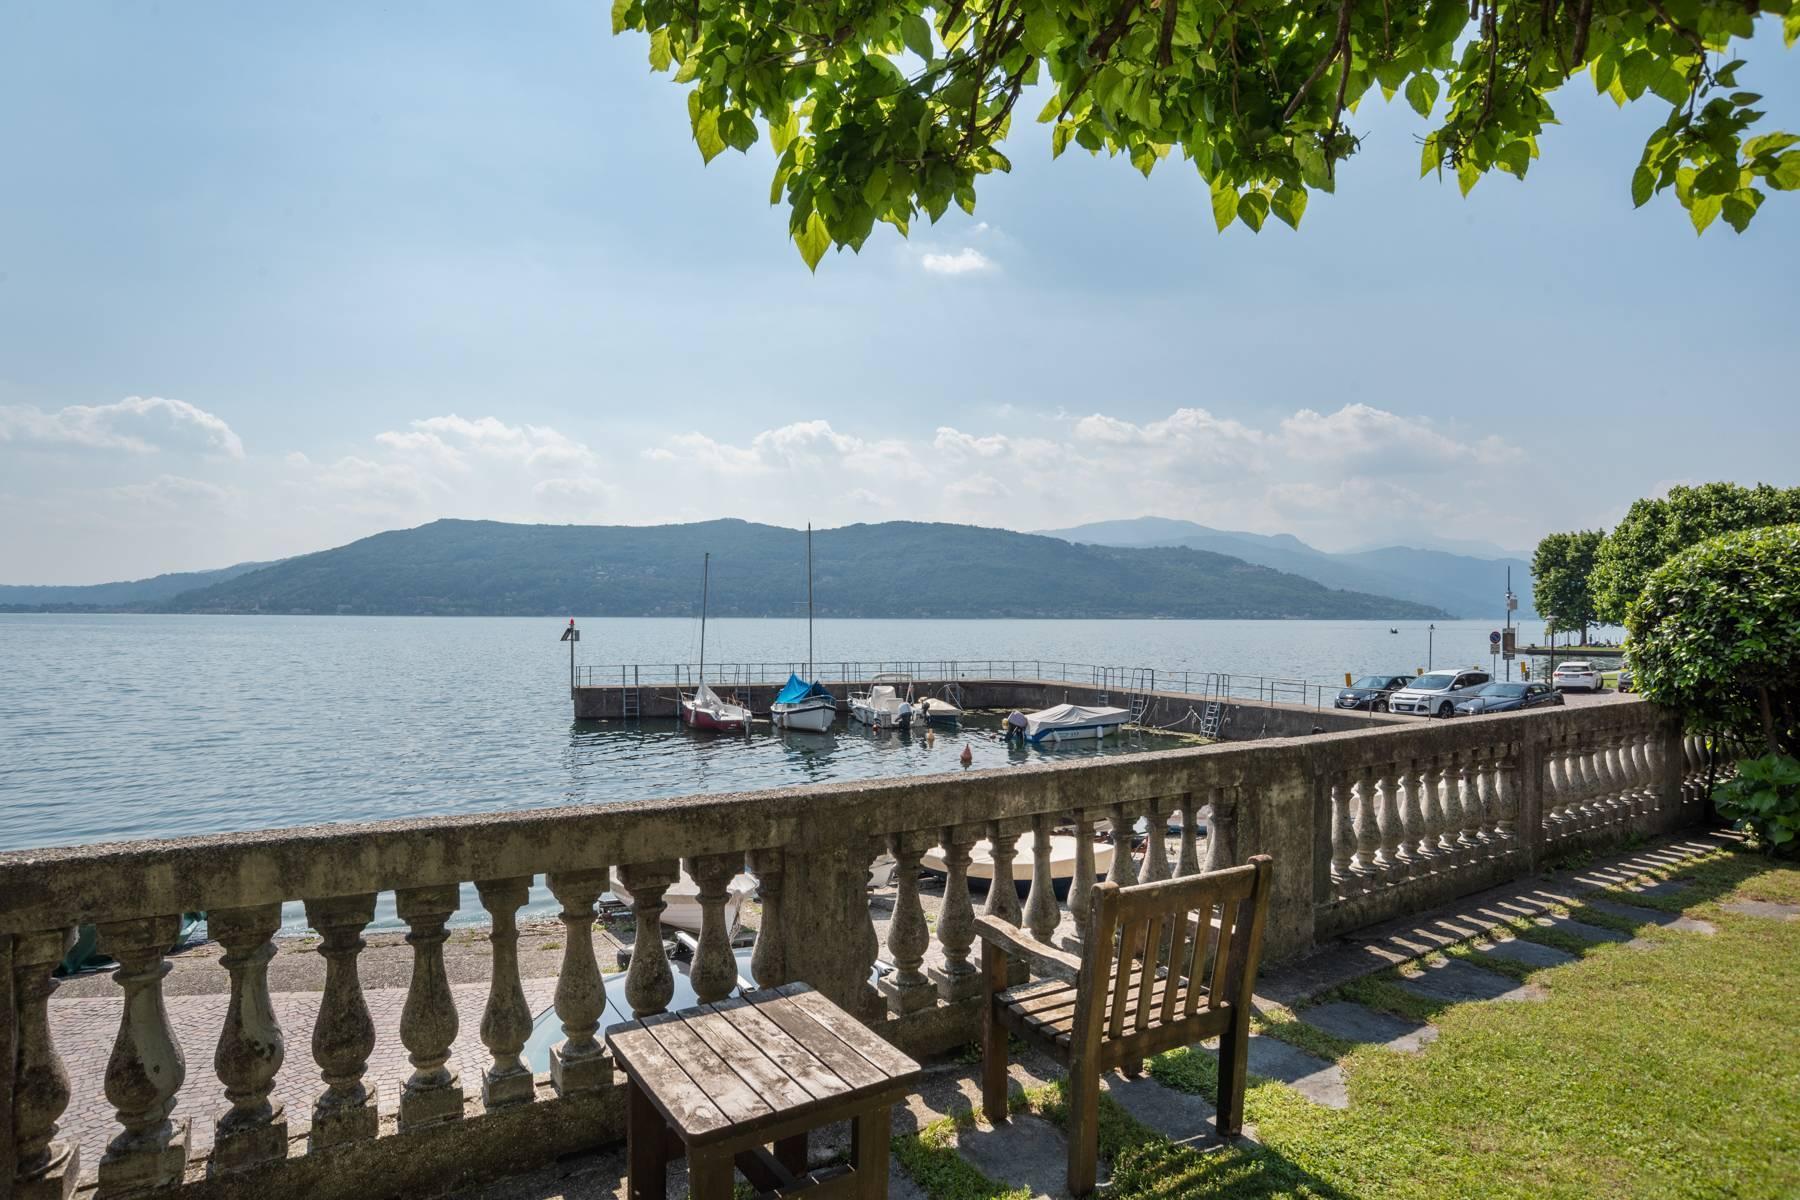 Casa storica direttamente sul lago Maggiore - 2